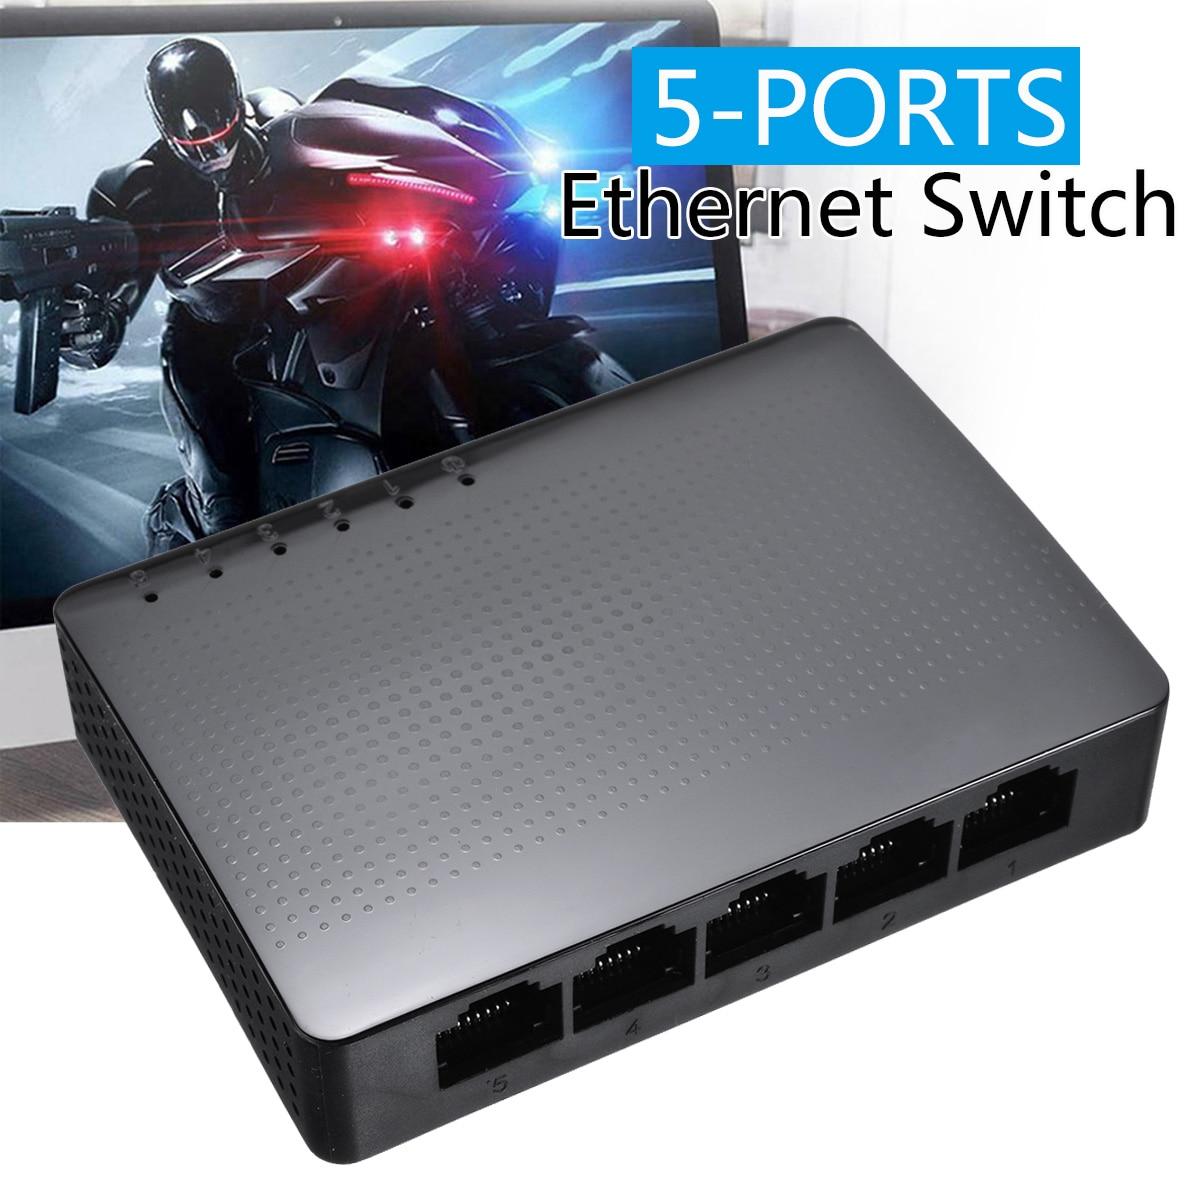 Высокое качество десять-da моноканальный центр SG105 5-с одним портом, настольная гигабитный сетевой коммутатор Gigabit Ethernet коммутаторы